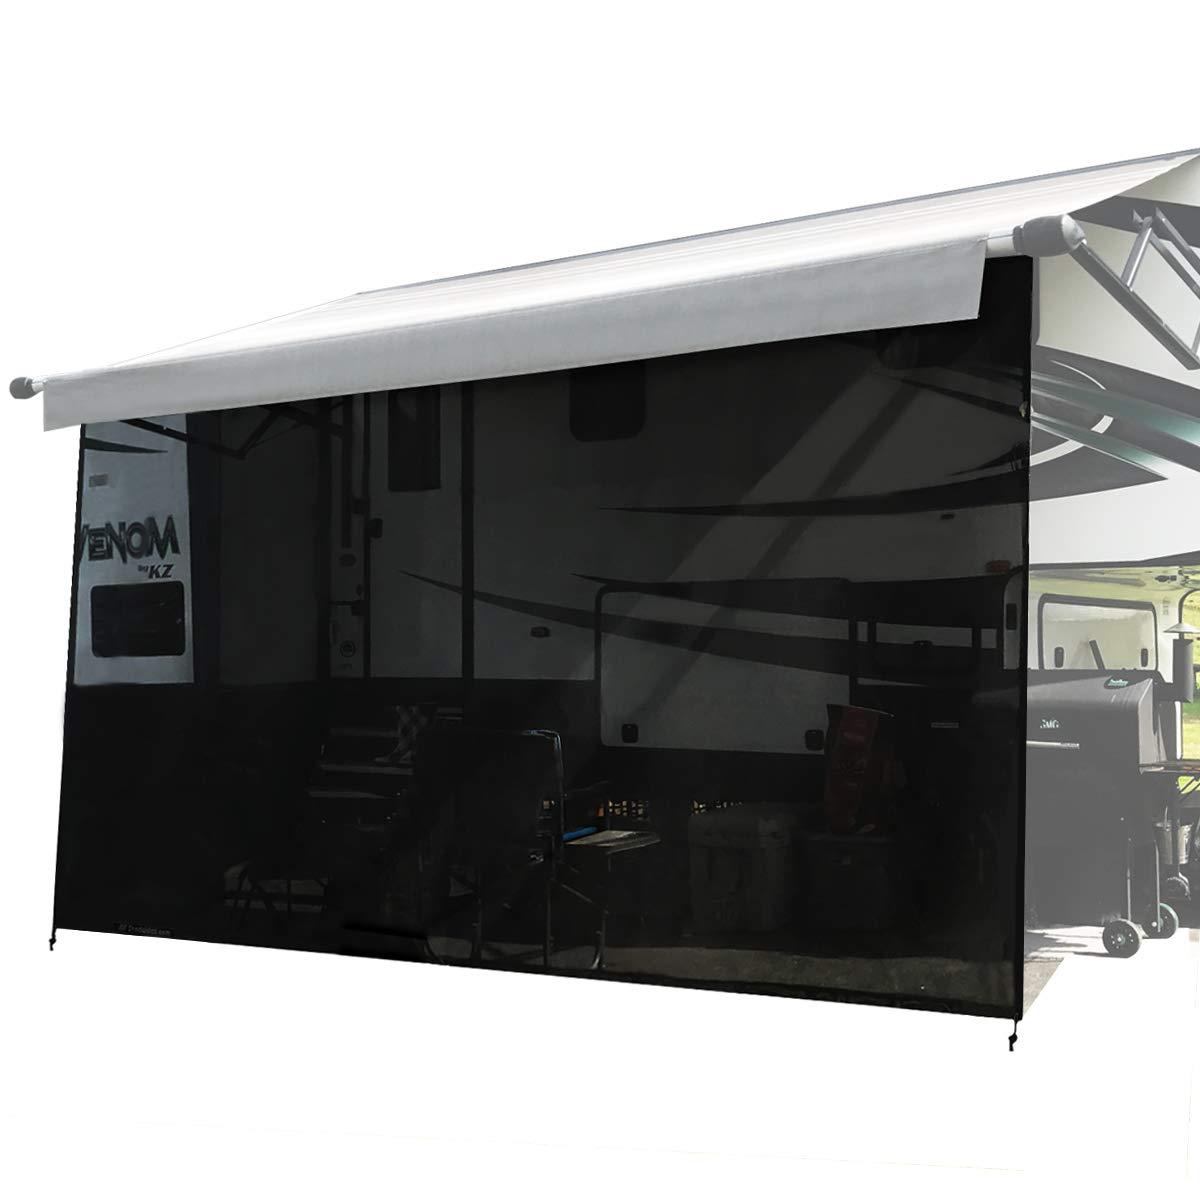 Shadeidea RV Sun Shade Screen for Awning - 10' X 16' 5'' Black Mesh  Sunshade Motorhome Camping Trailer UV Sunblocker Canopy Sunscreen Offer 3  Years